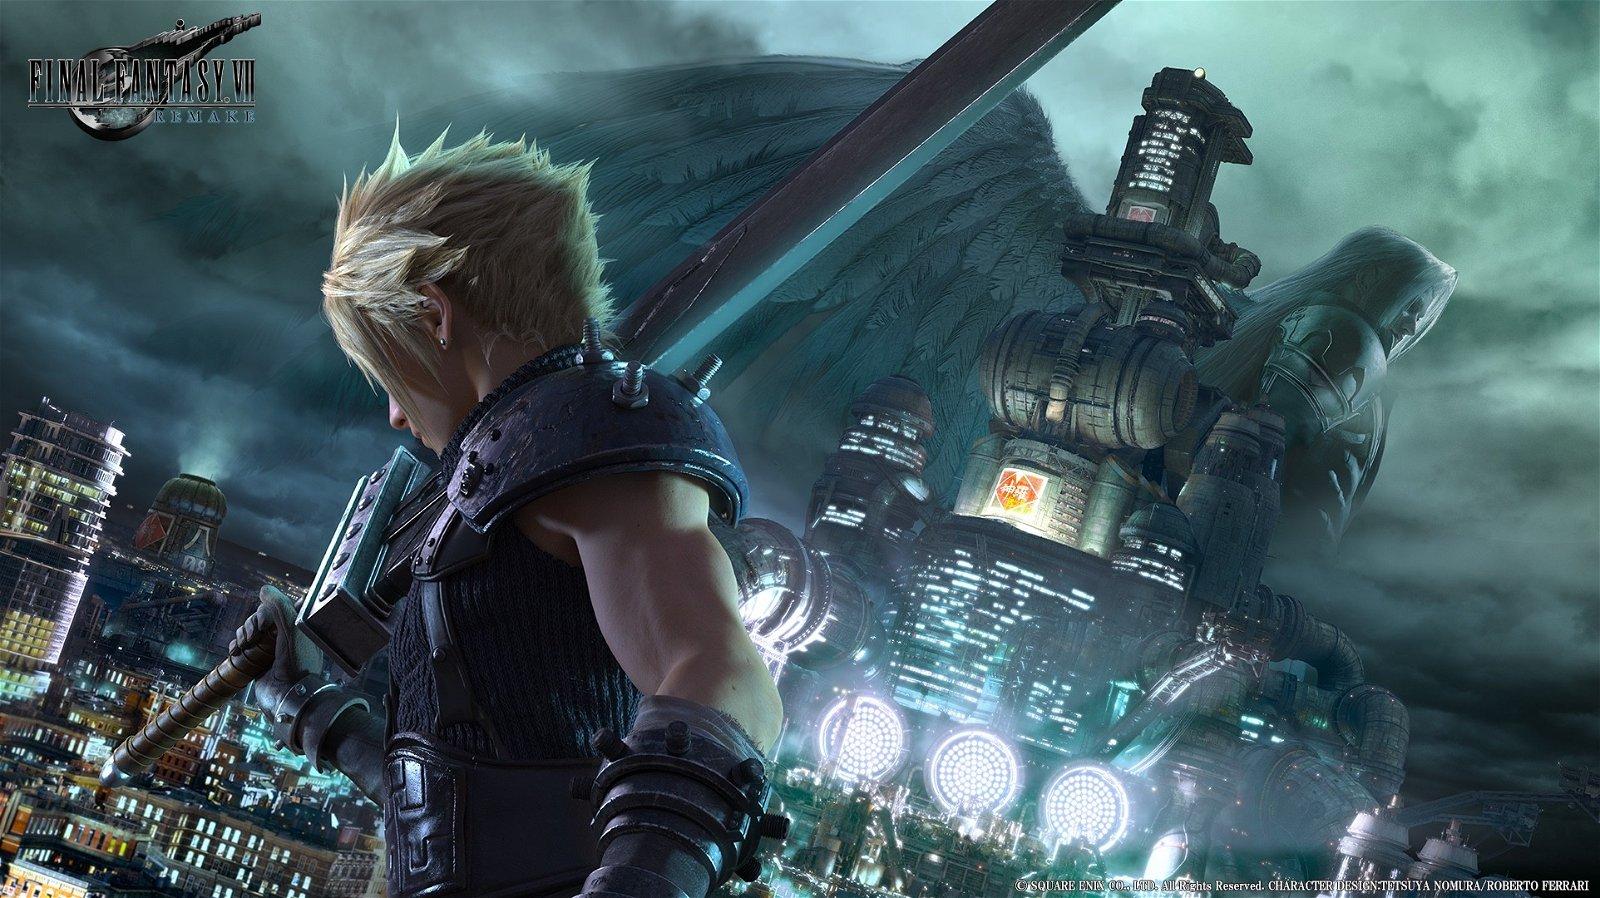 Final Fantasy VII Remake: Square Enix ofrece varios trabajos en su desarrollo